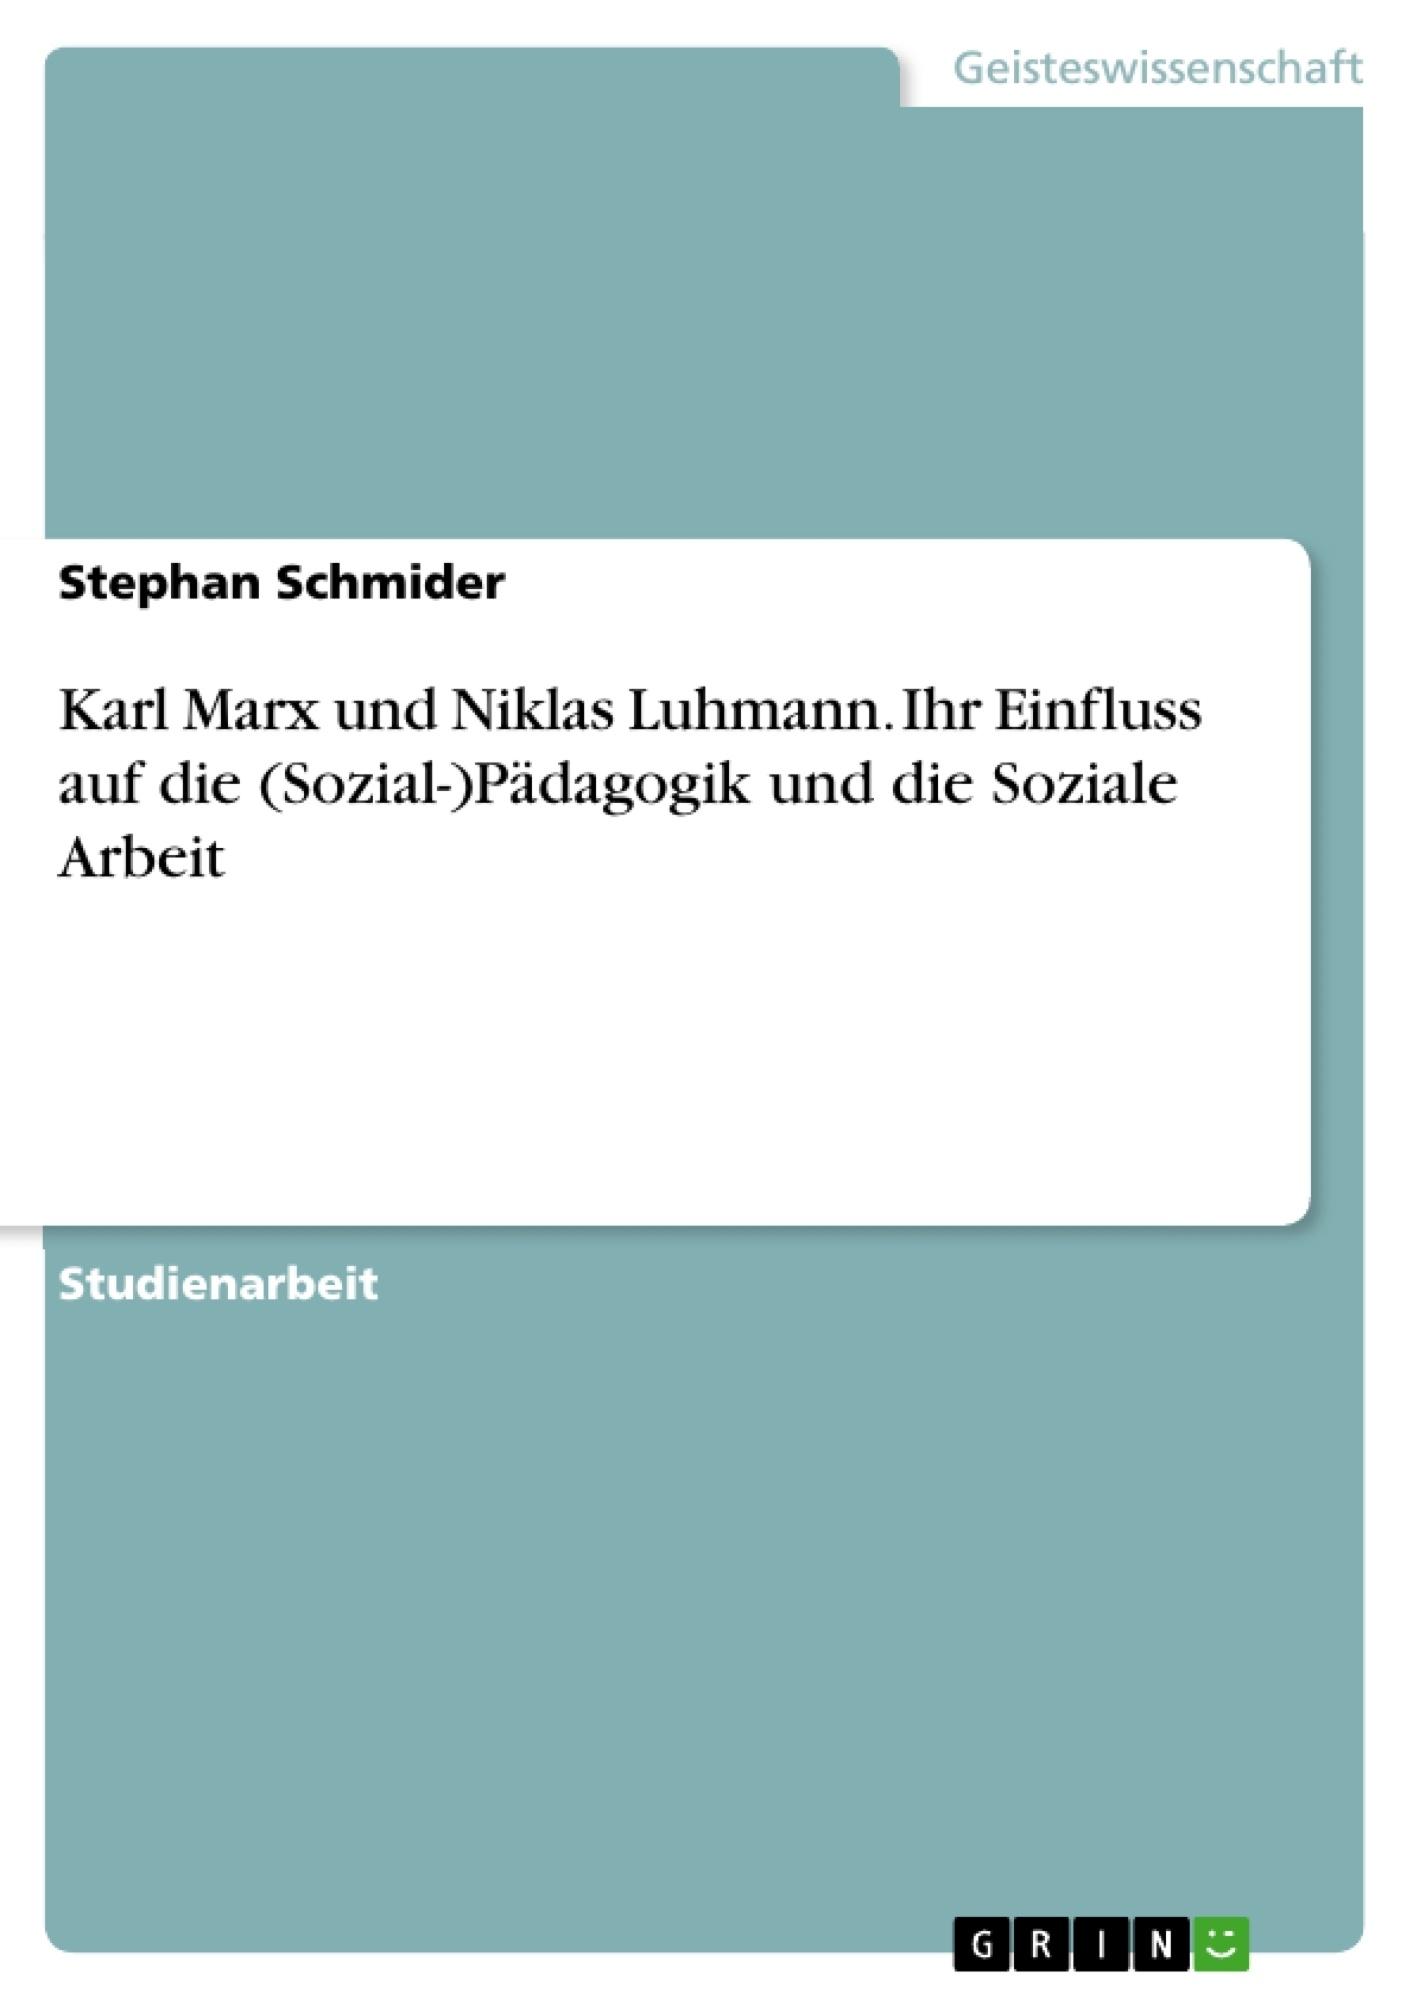 Titel: Karl Marx und Niklas Luhmann. Ihr Einfluss auf die (Sozial-)Pädagogik und die Soziale Arbeit